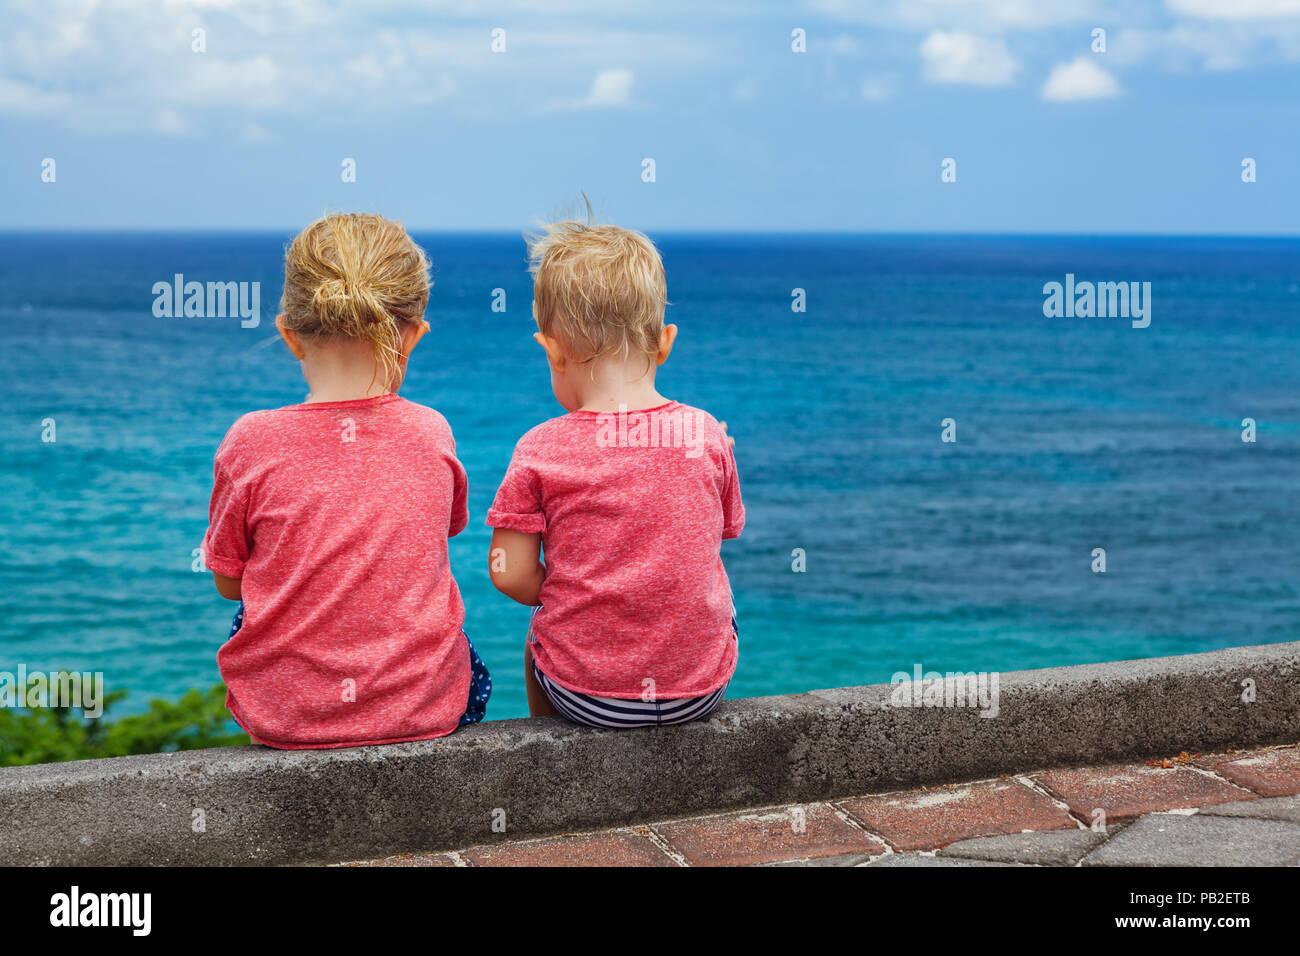 Heureux les enfants s'amuser sur la plage à pied. Couple d'enfants assis sur la falaise, de parler, de regarder et de surf mer ciel bleu. Style de voyage, les activités de plein air en f Photo Stock